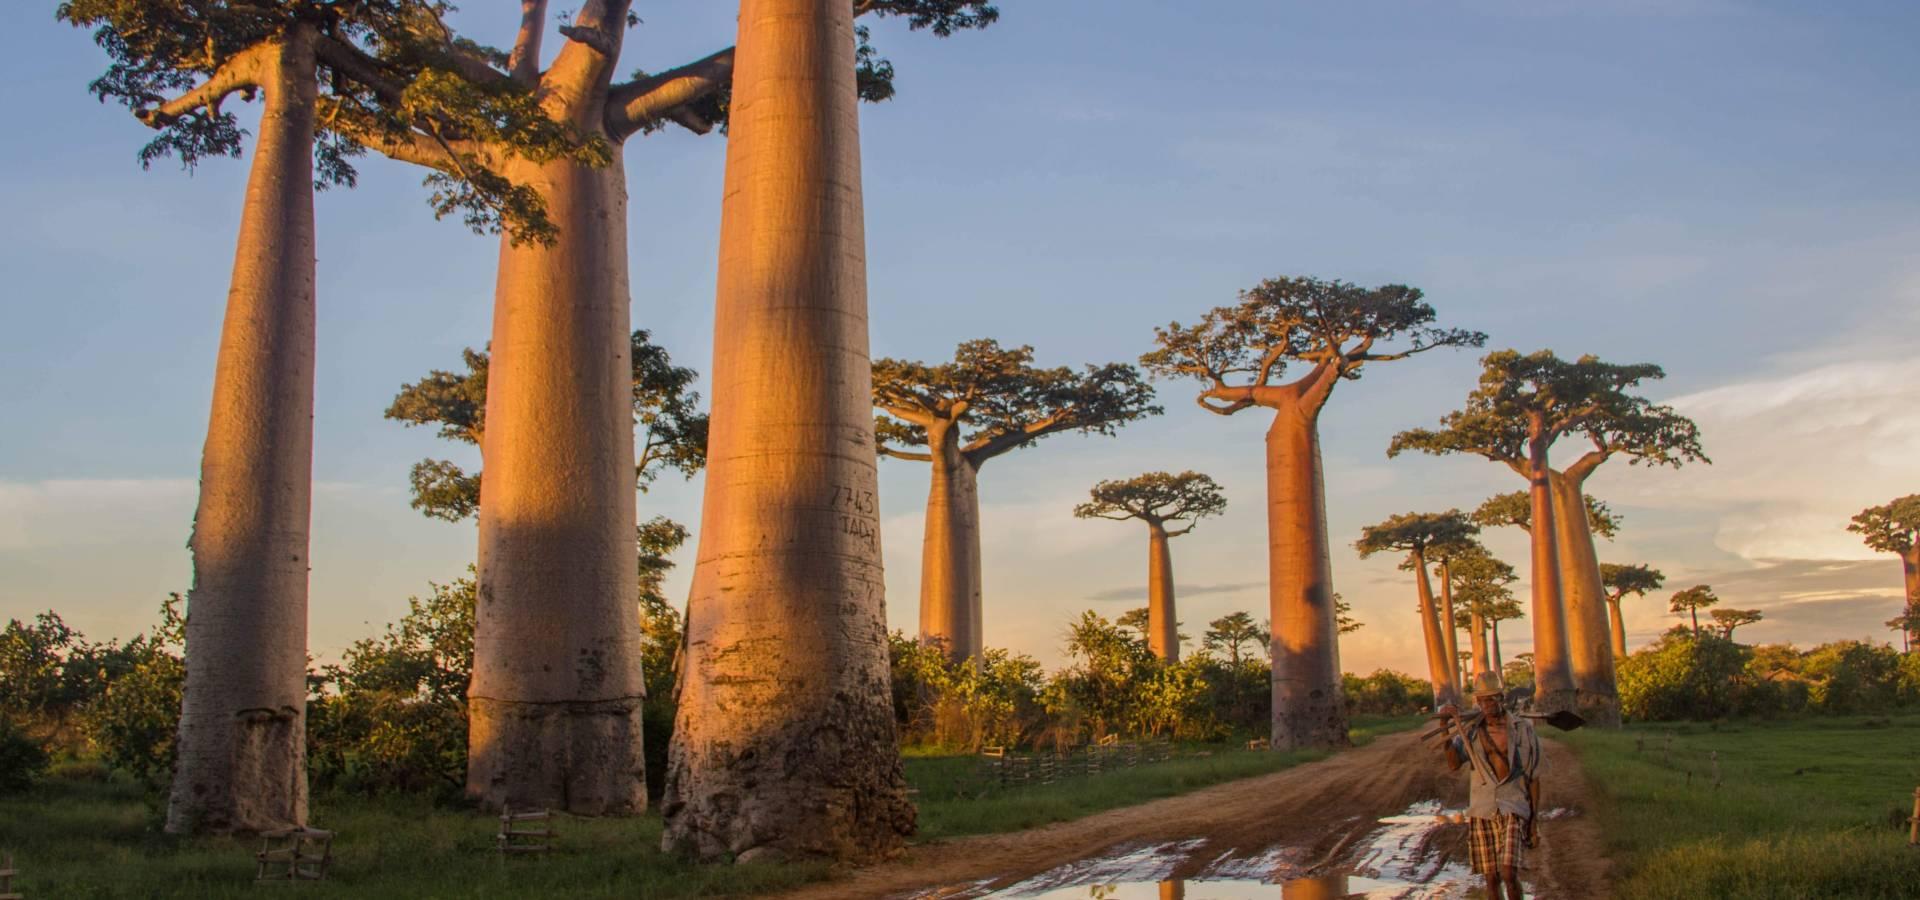 Avenida de los Baobab